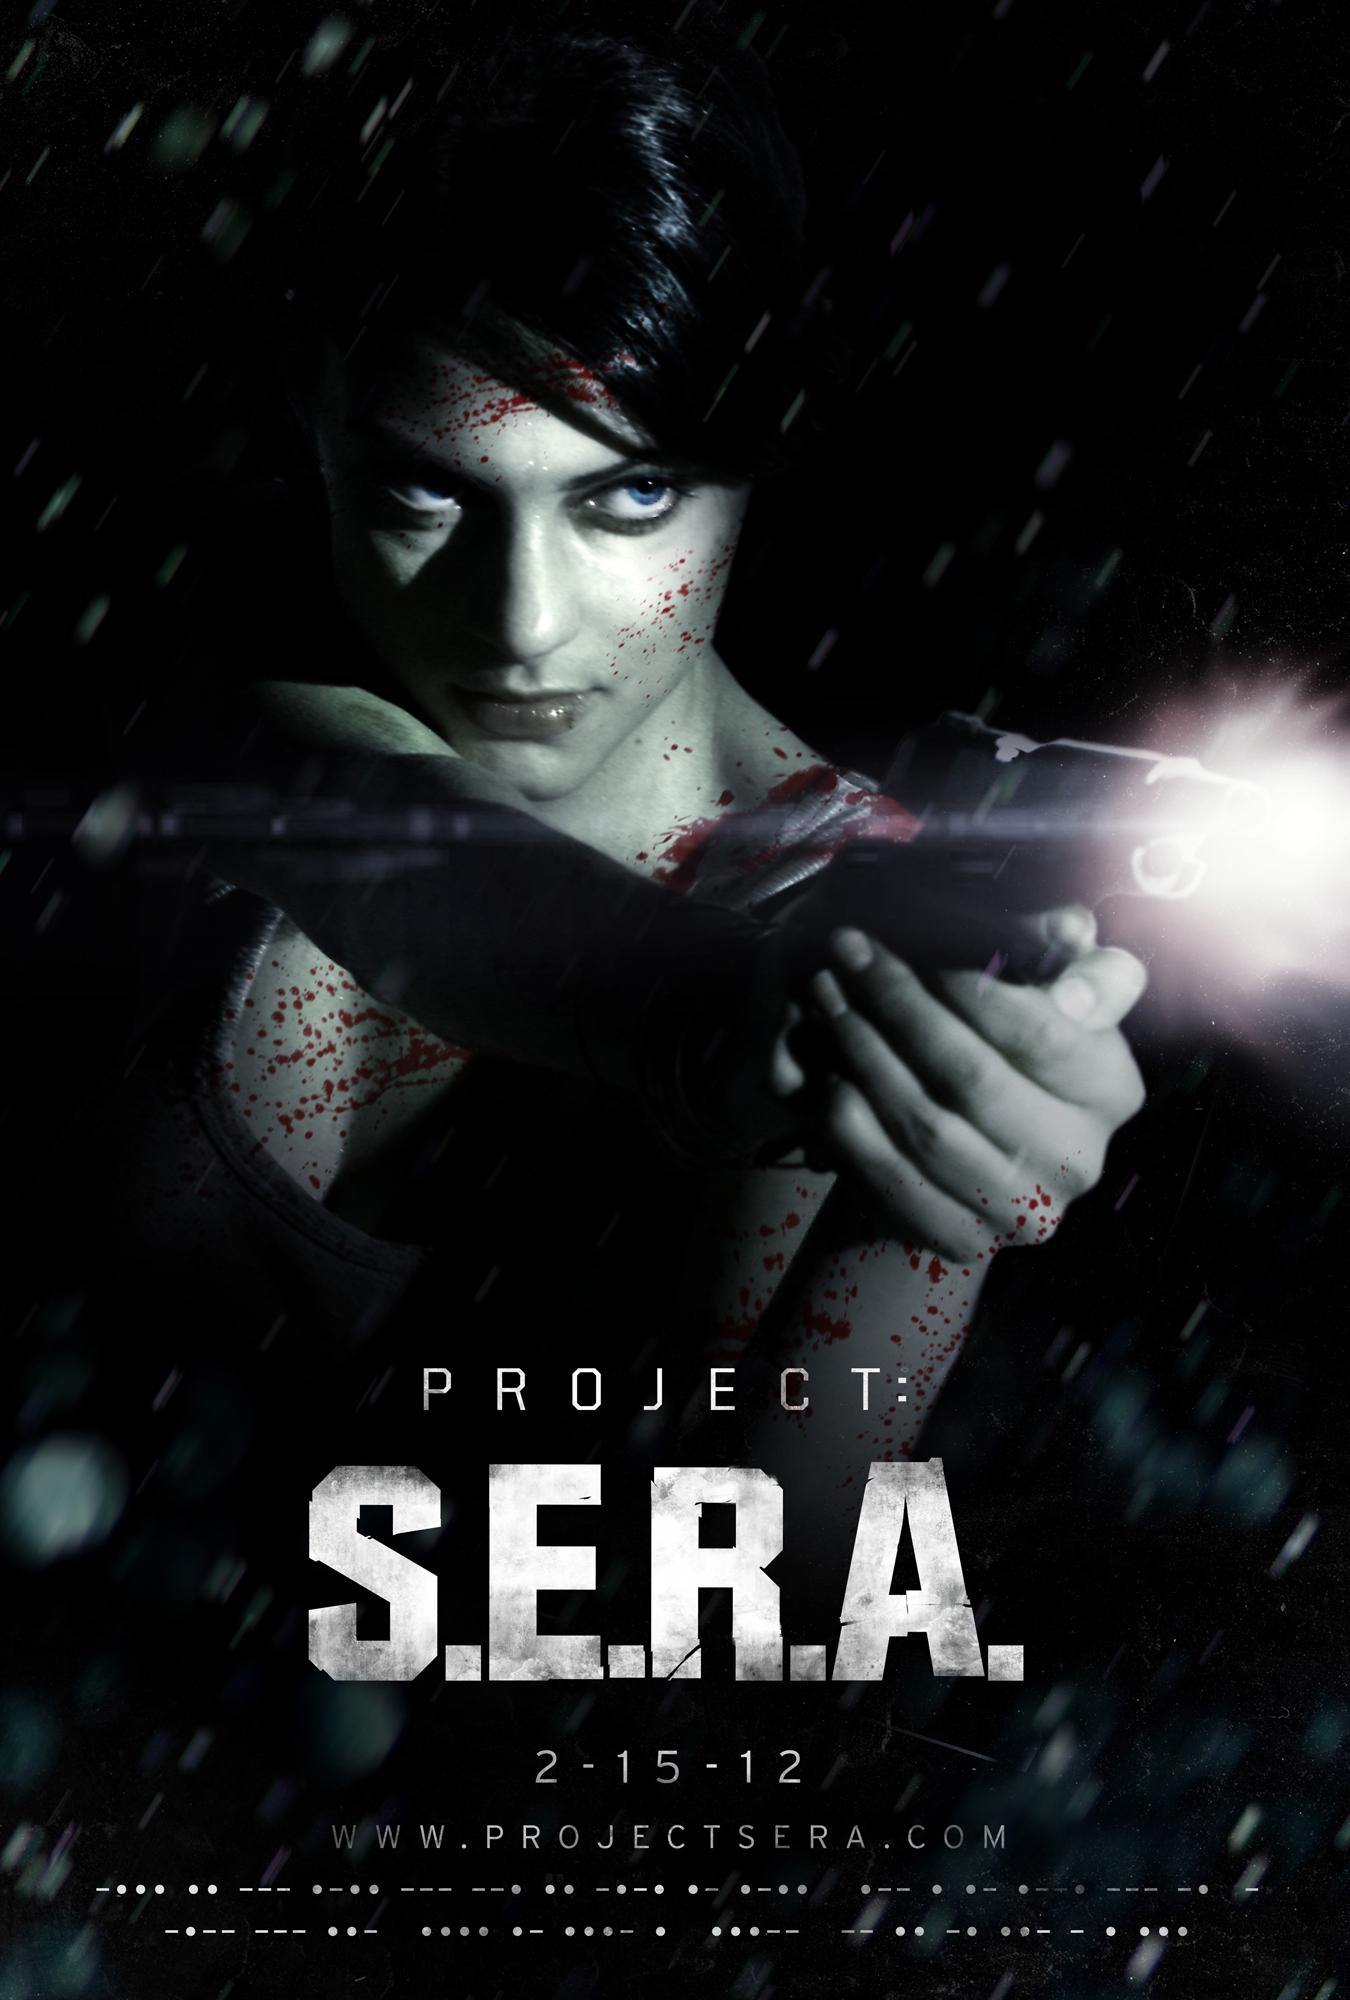 Project: S.E.R.A. kapak